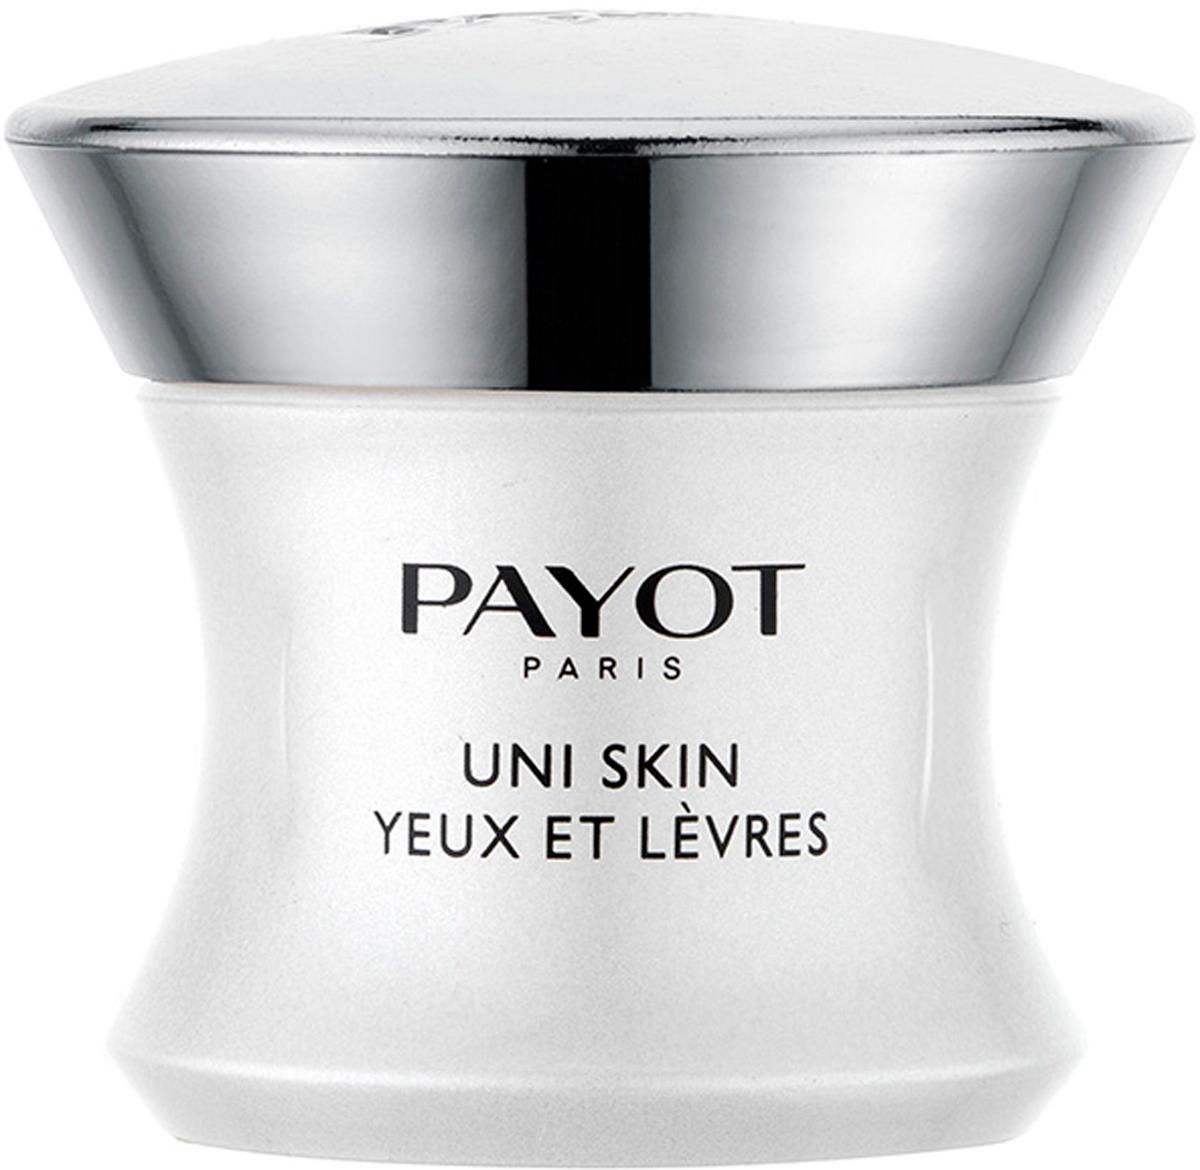 Payot Uni Skin Выравнивающий совершенствующий крем для области вокруг глаз и губ, 15 мл ahava time to hydrate нежный крем для глаз 15 мл